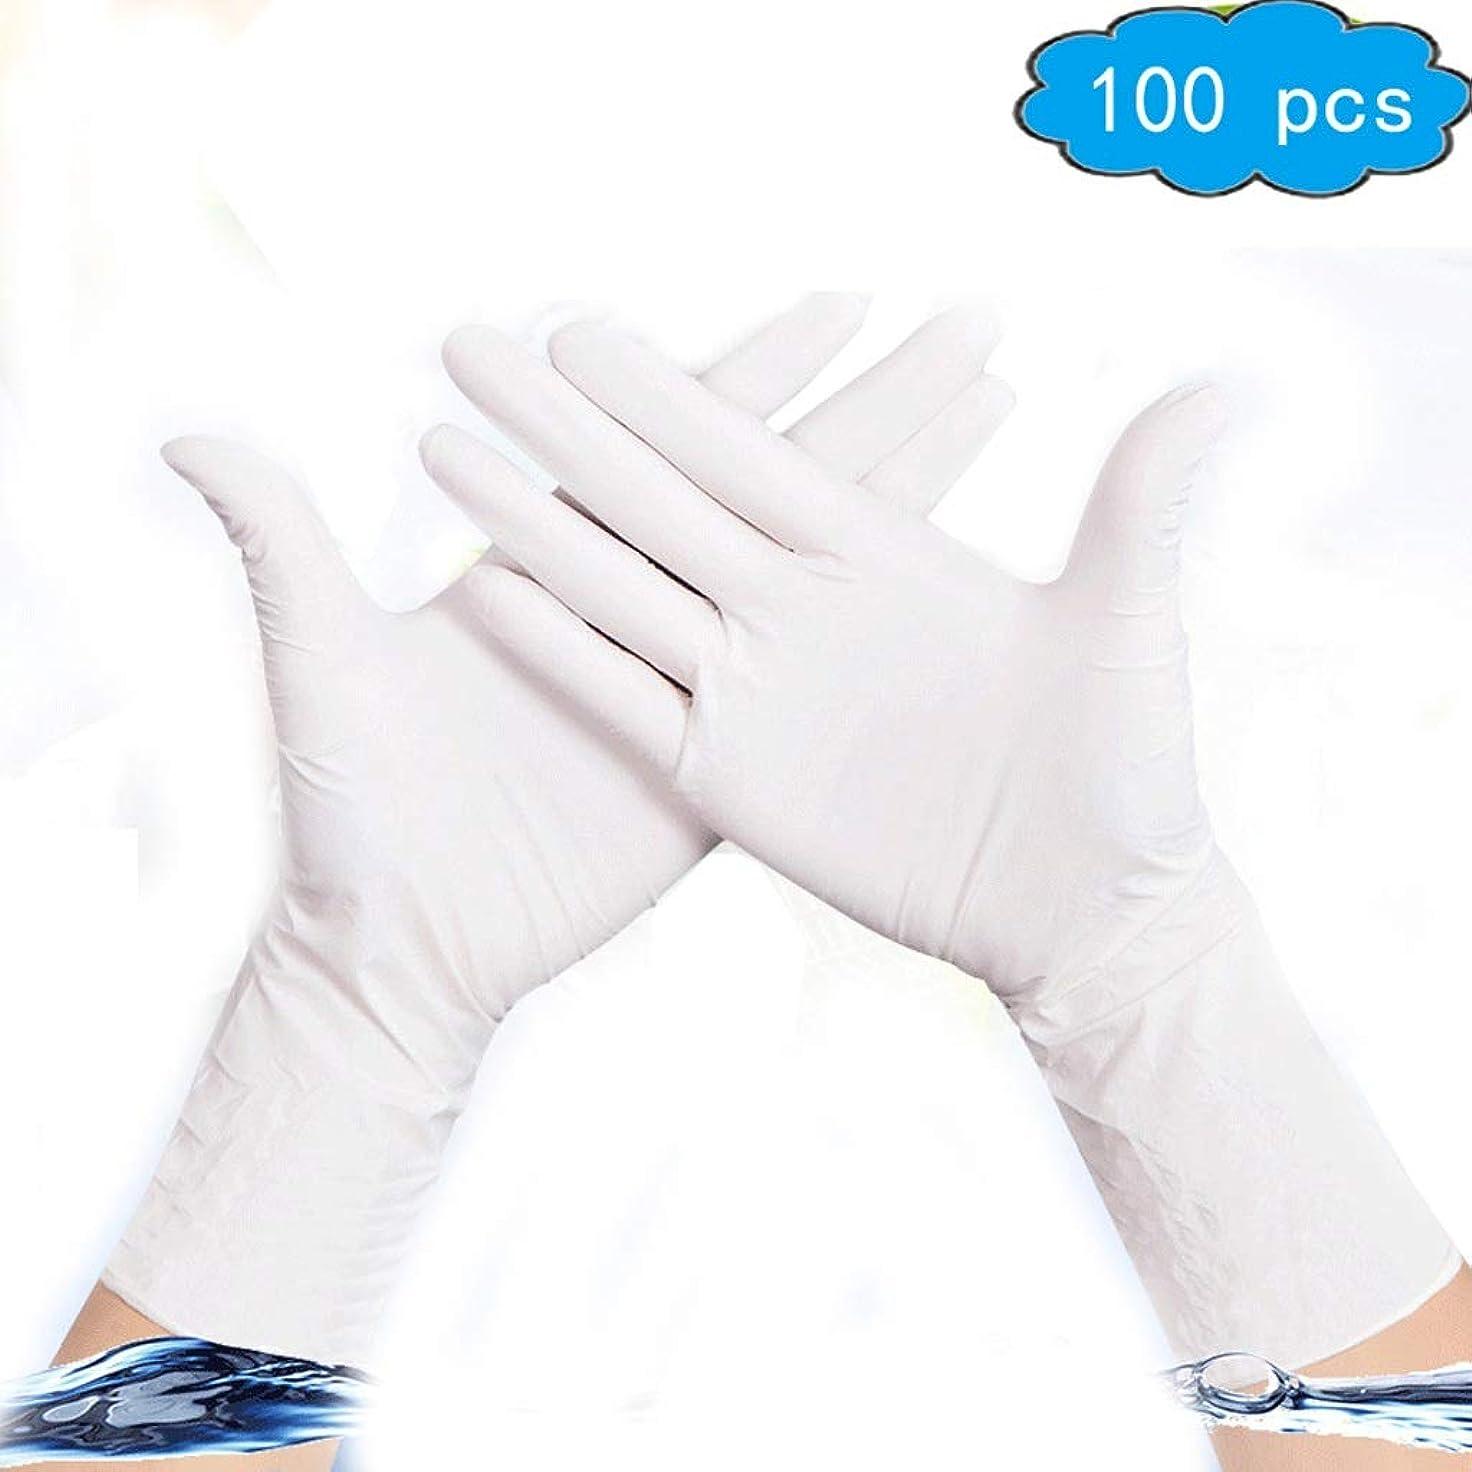 用量レーニン主義丘使い捨てニトリル手袋、使い捨て、試験グレード、ホワイト(100パック)、世帯のクリーニング手袋、医療用品?機器 (Color : White, Size : L)